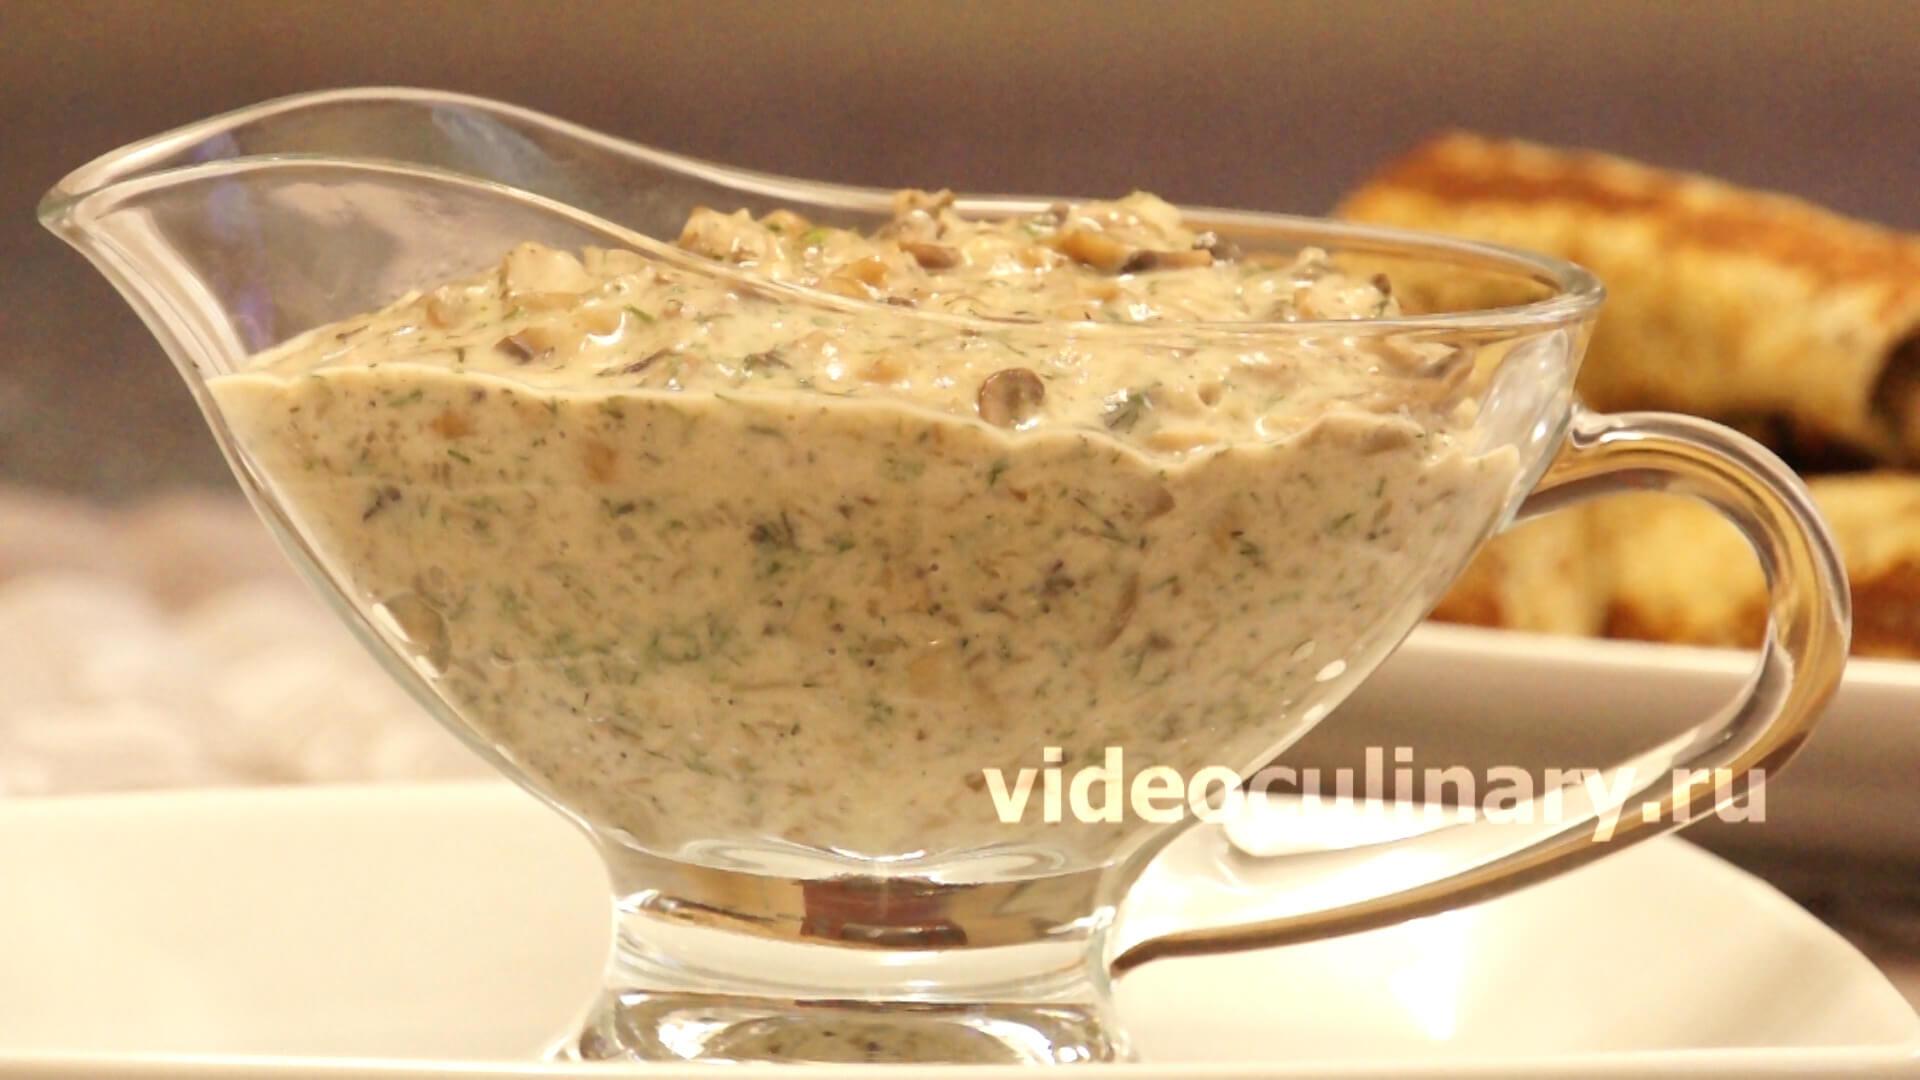 Грибной соус пошаговый рецепт